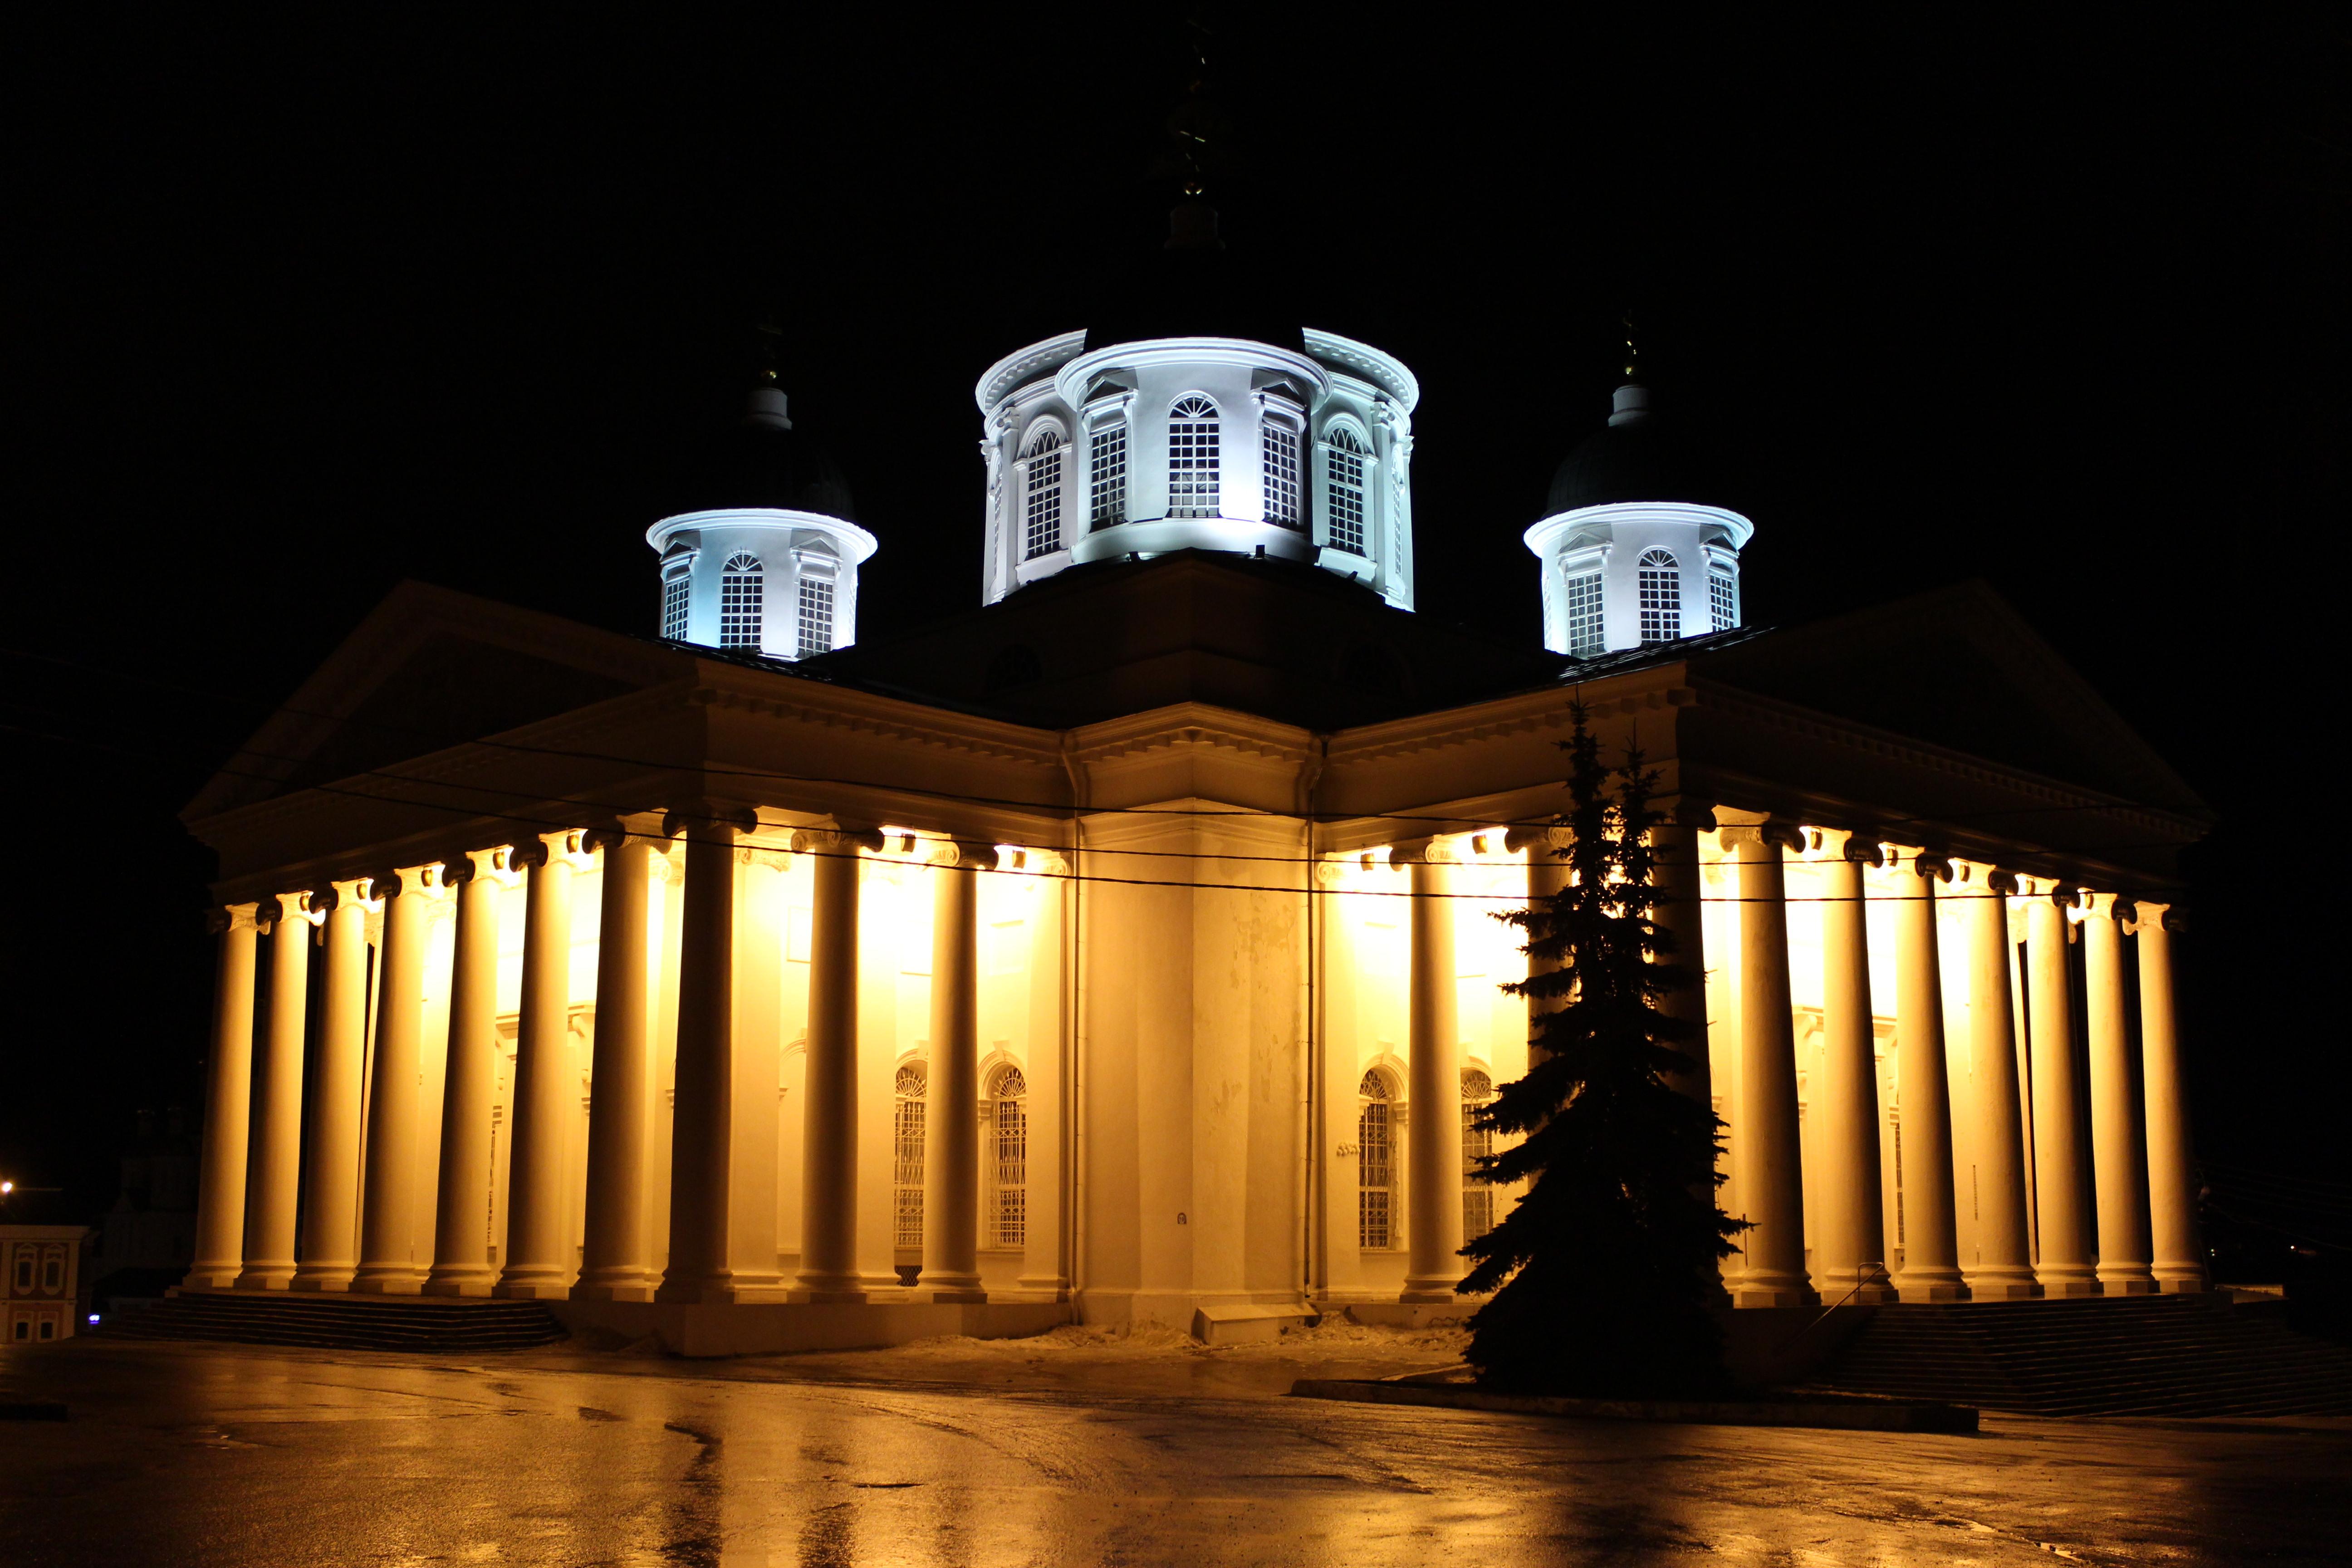 Воскресенский собор планируют отреставрировать в Арзамасе - фото 1